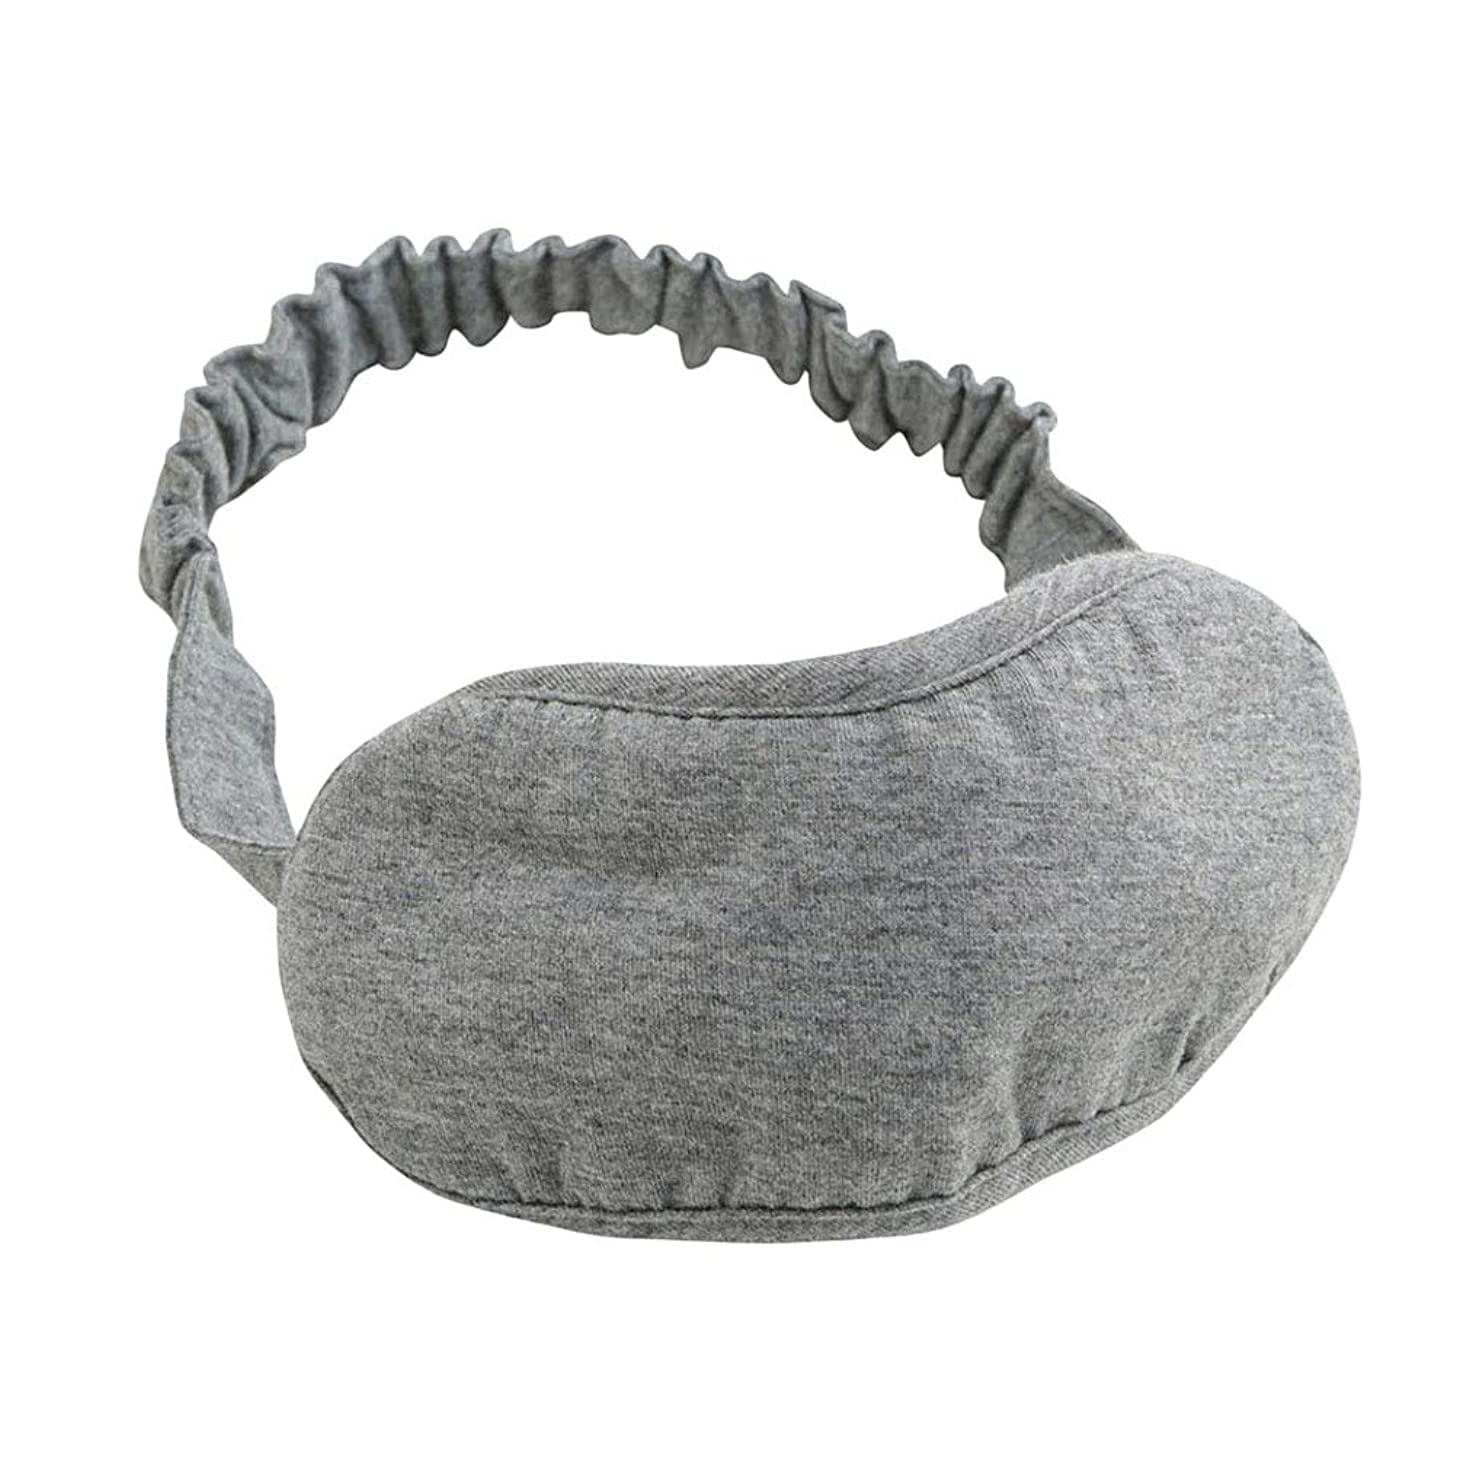 プロペラ掃く状Healifty アイマスク アイパッチ コットン 厚い ナップアイシェードカバースリーピング?ブラインドフォールズ旅行オフィス(グレー)